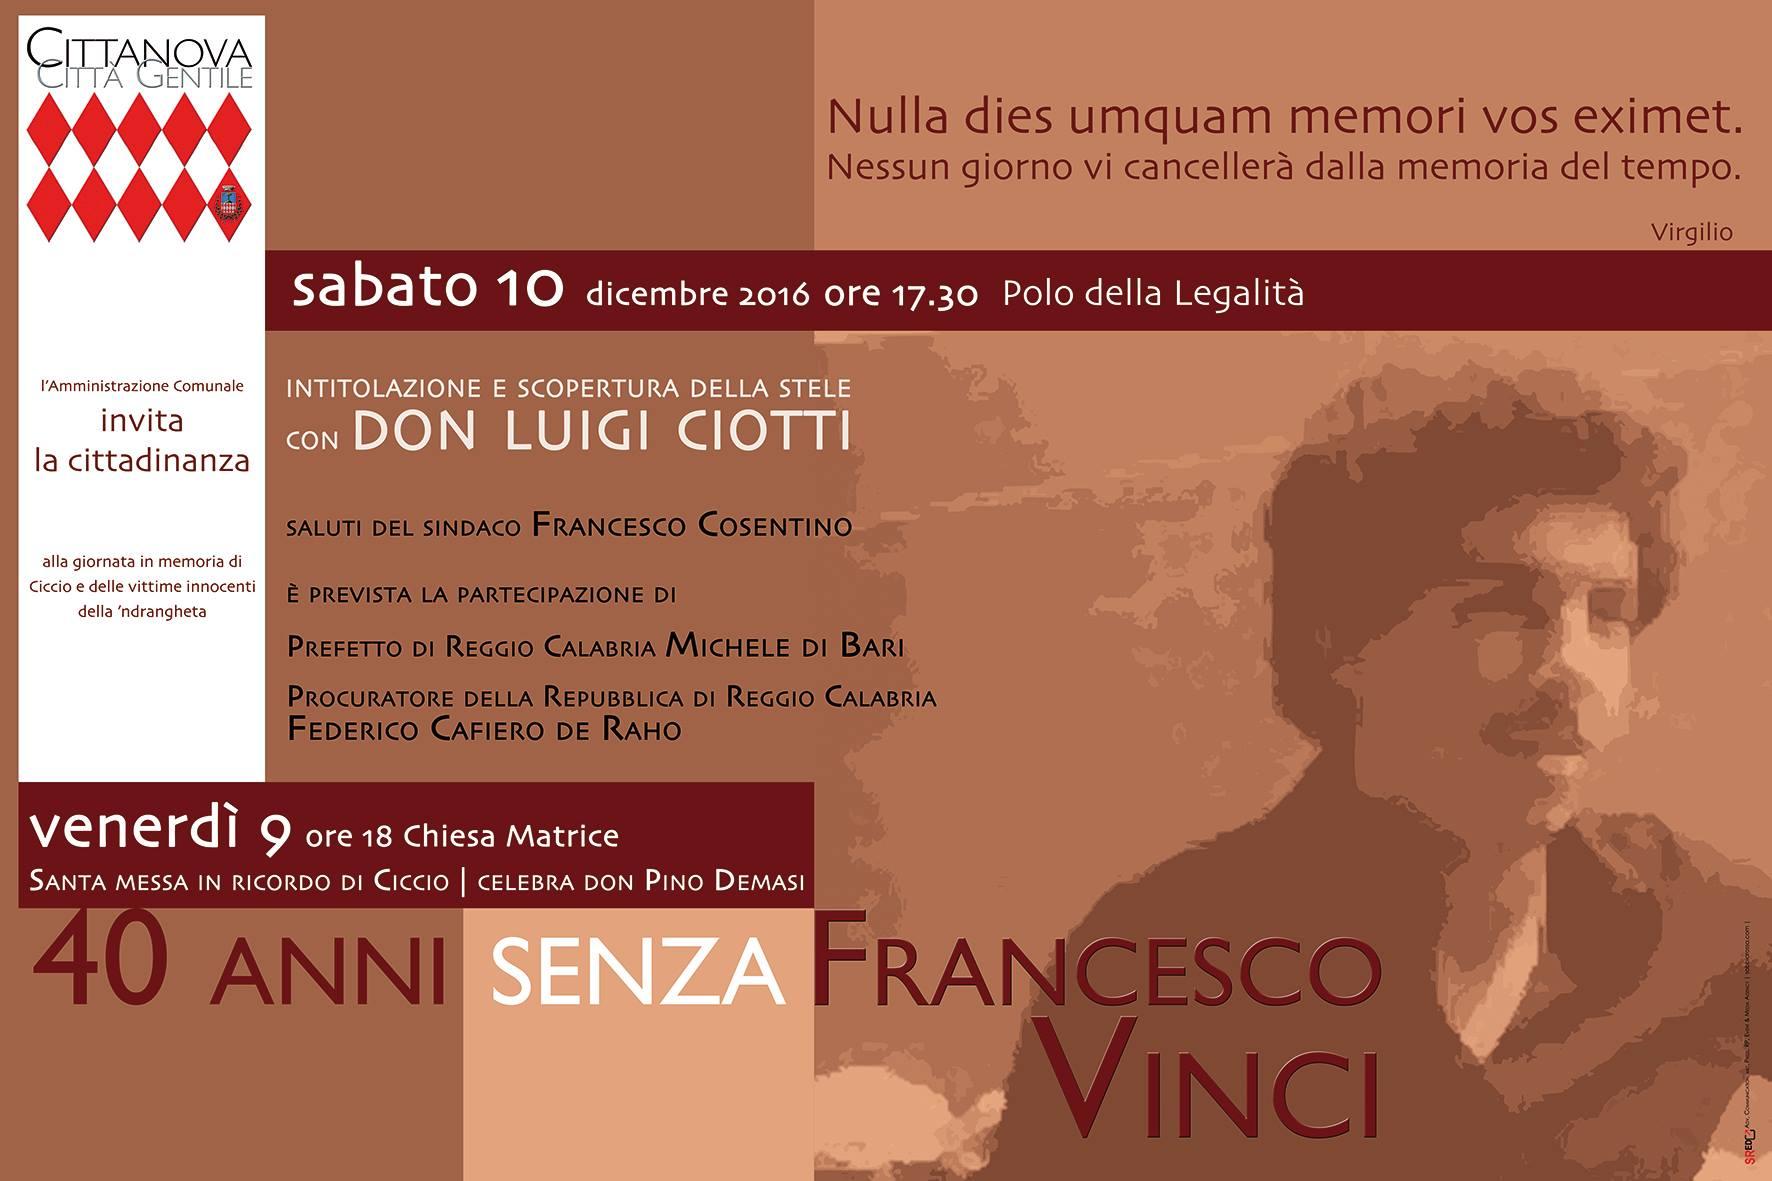 manifesto-francesco-vinci-cittanova